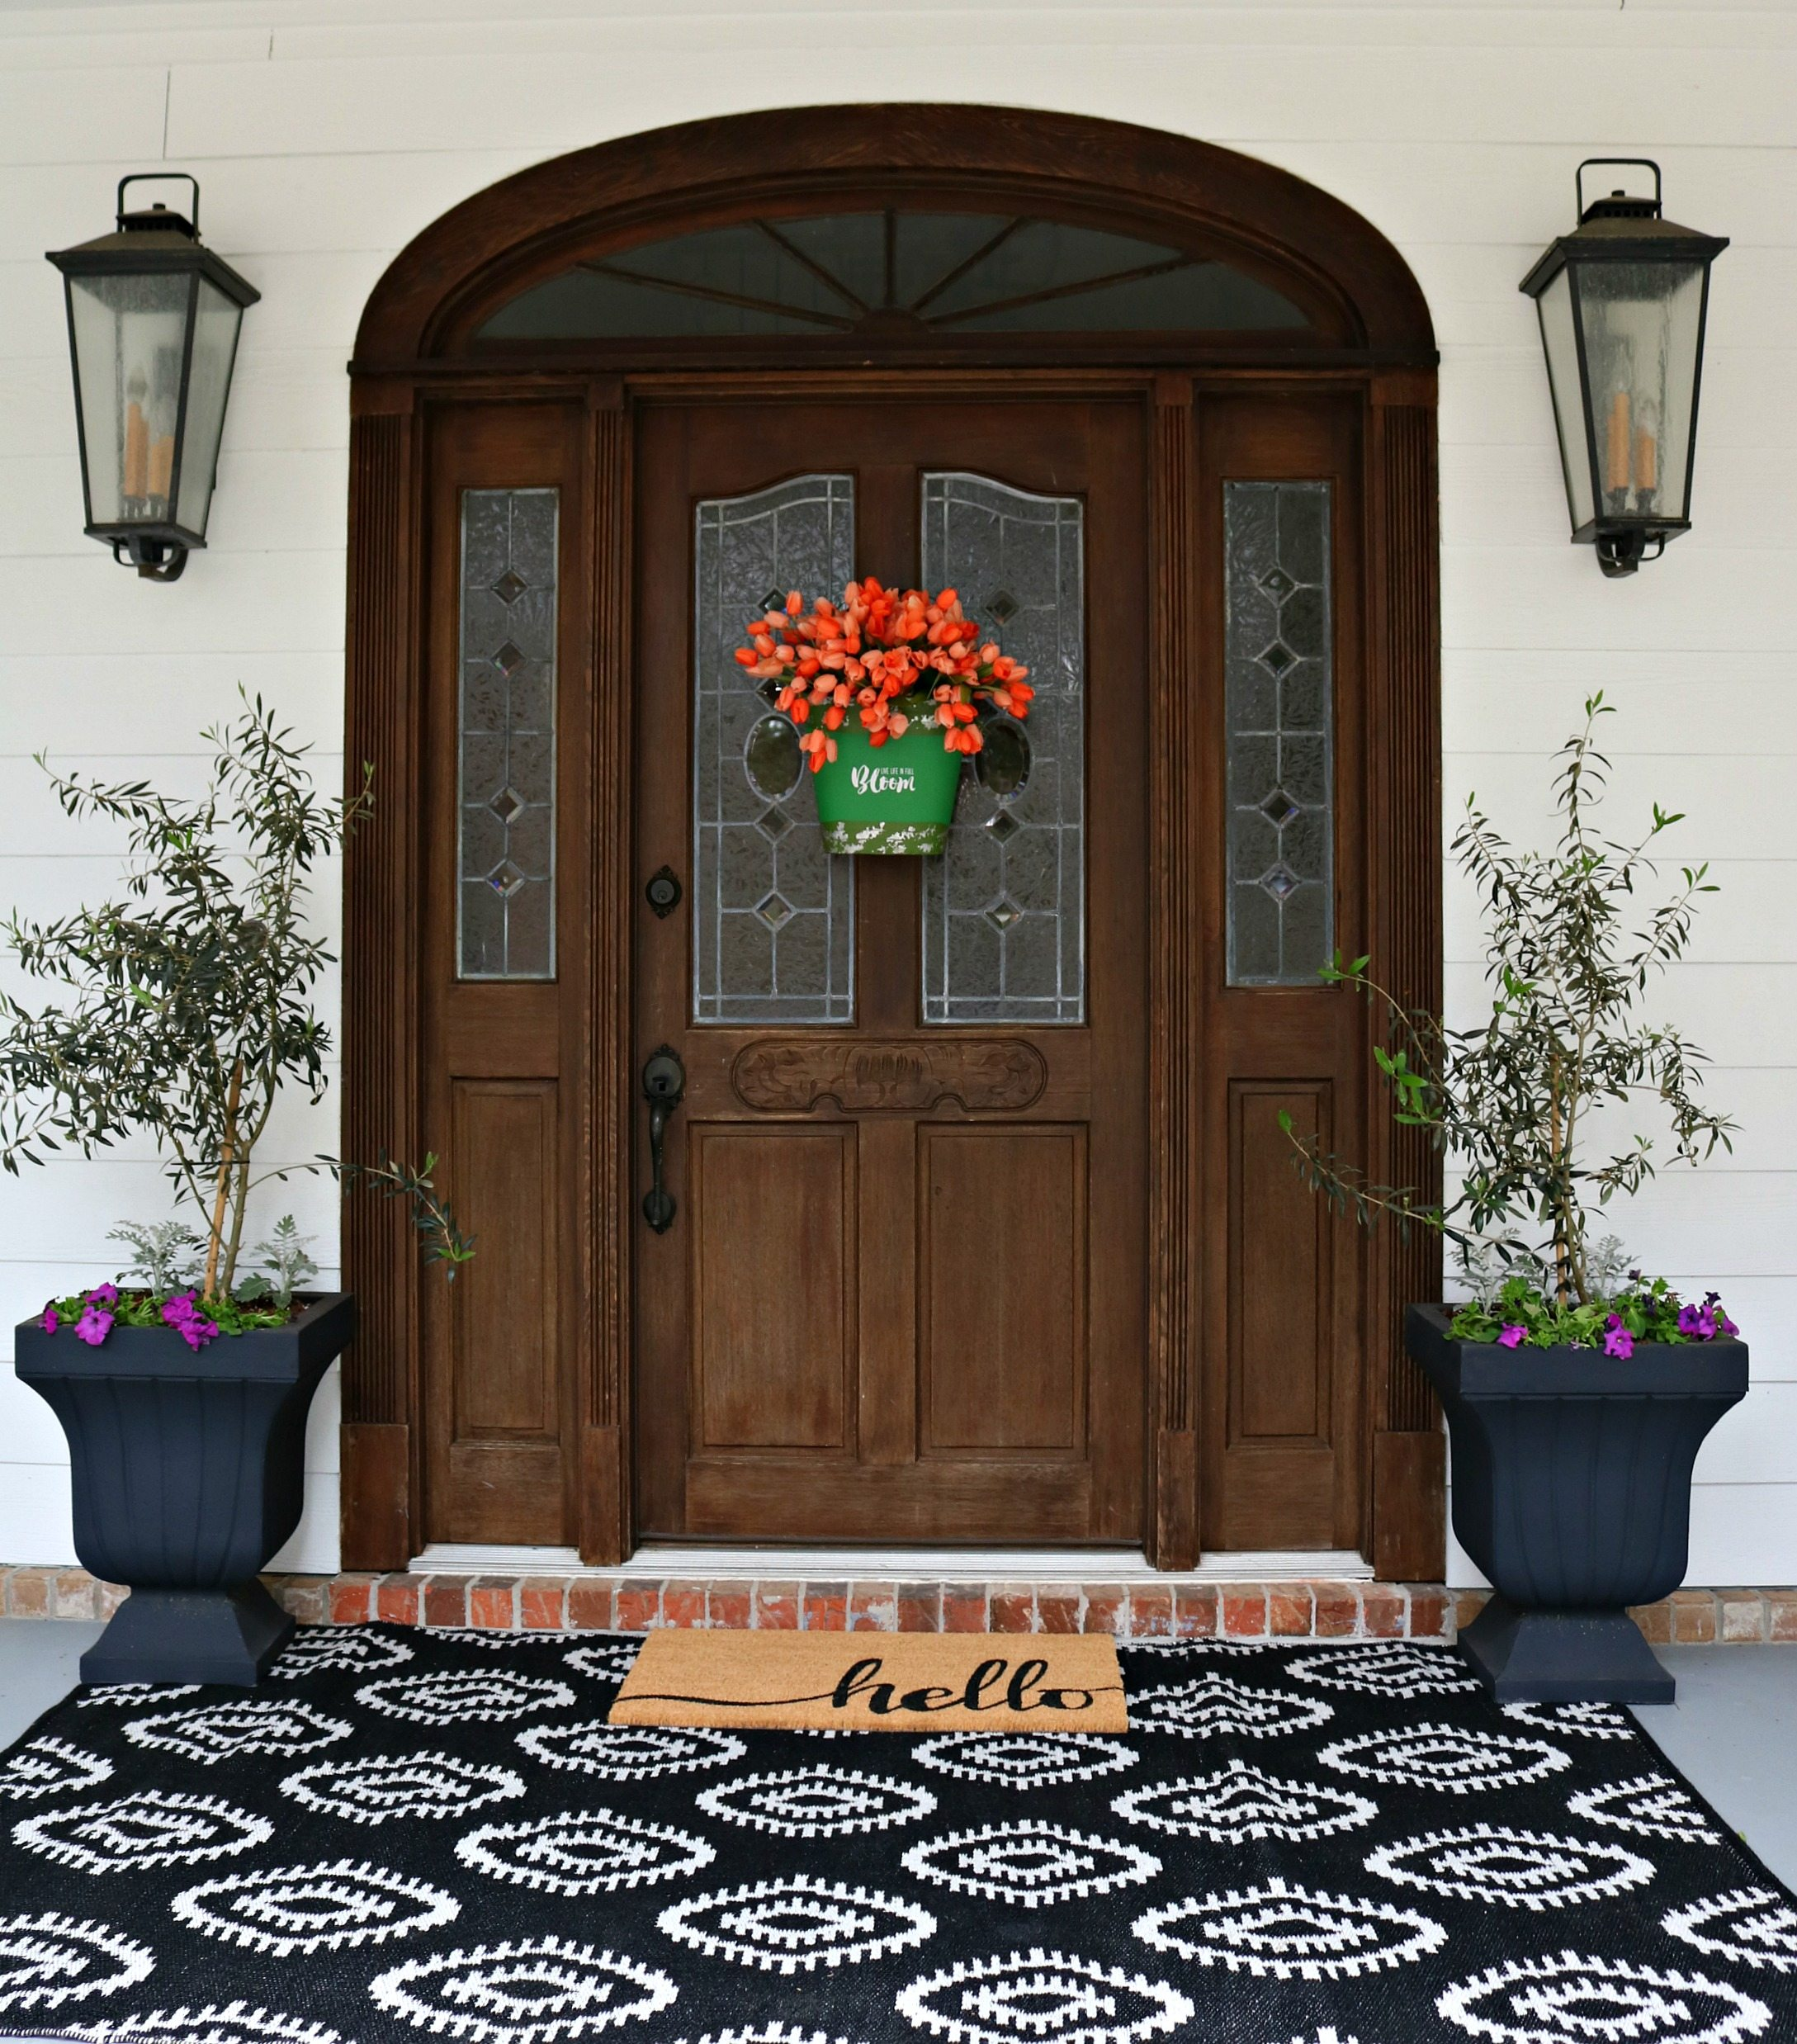 Idée de décoration de porte avec un seau à tulipe